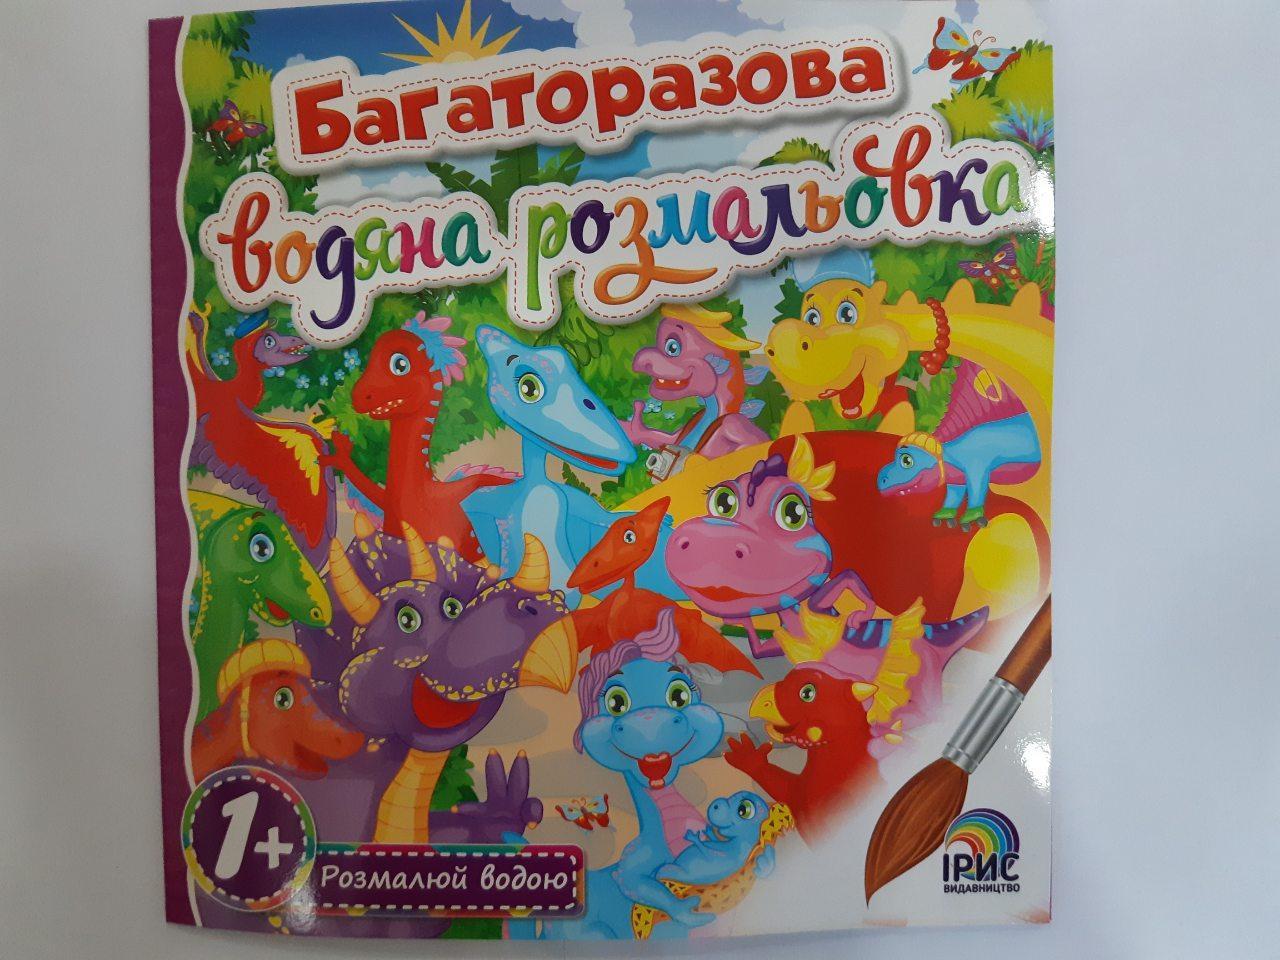 Ирис Многоразовая водная раскраска Книга 5: продажа, цена ...